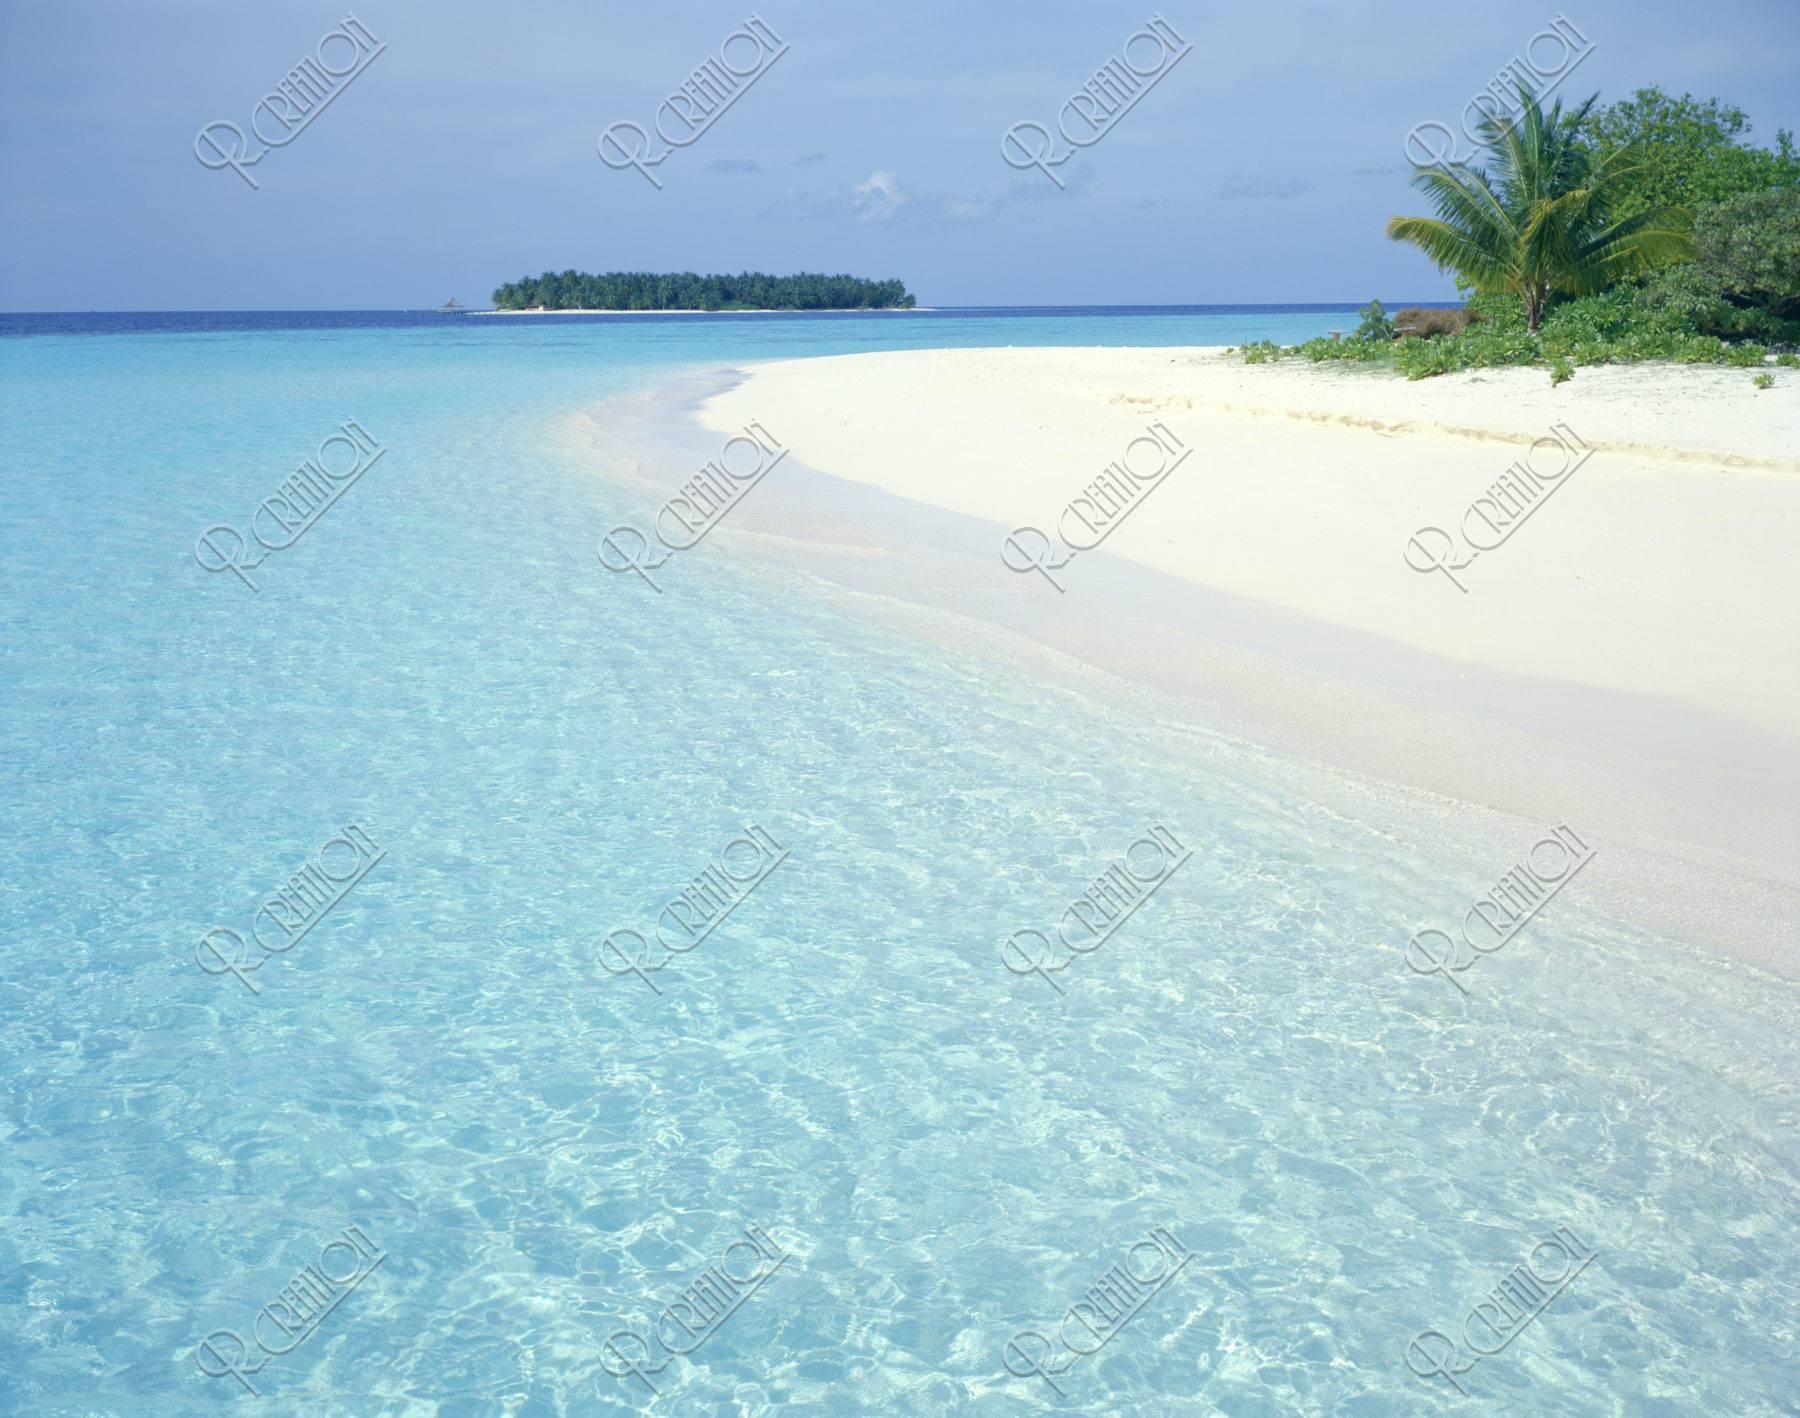 海と空 モルジブ